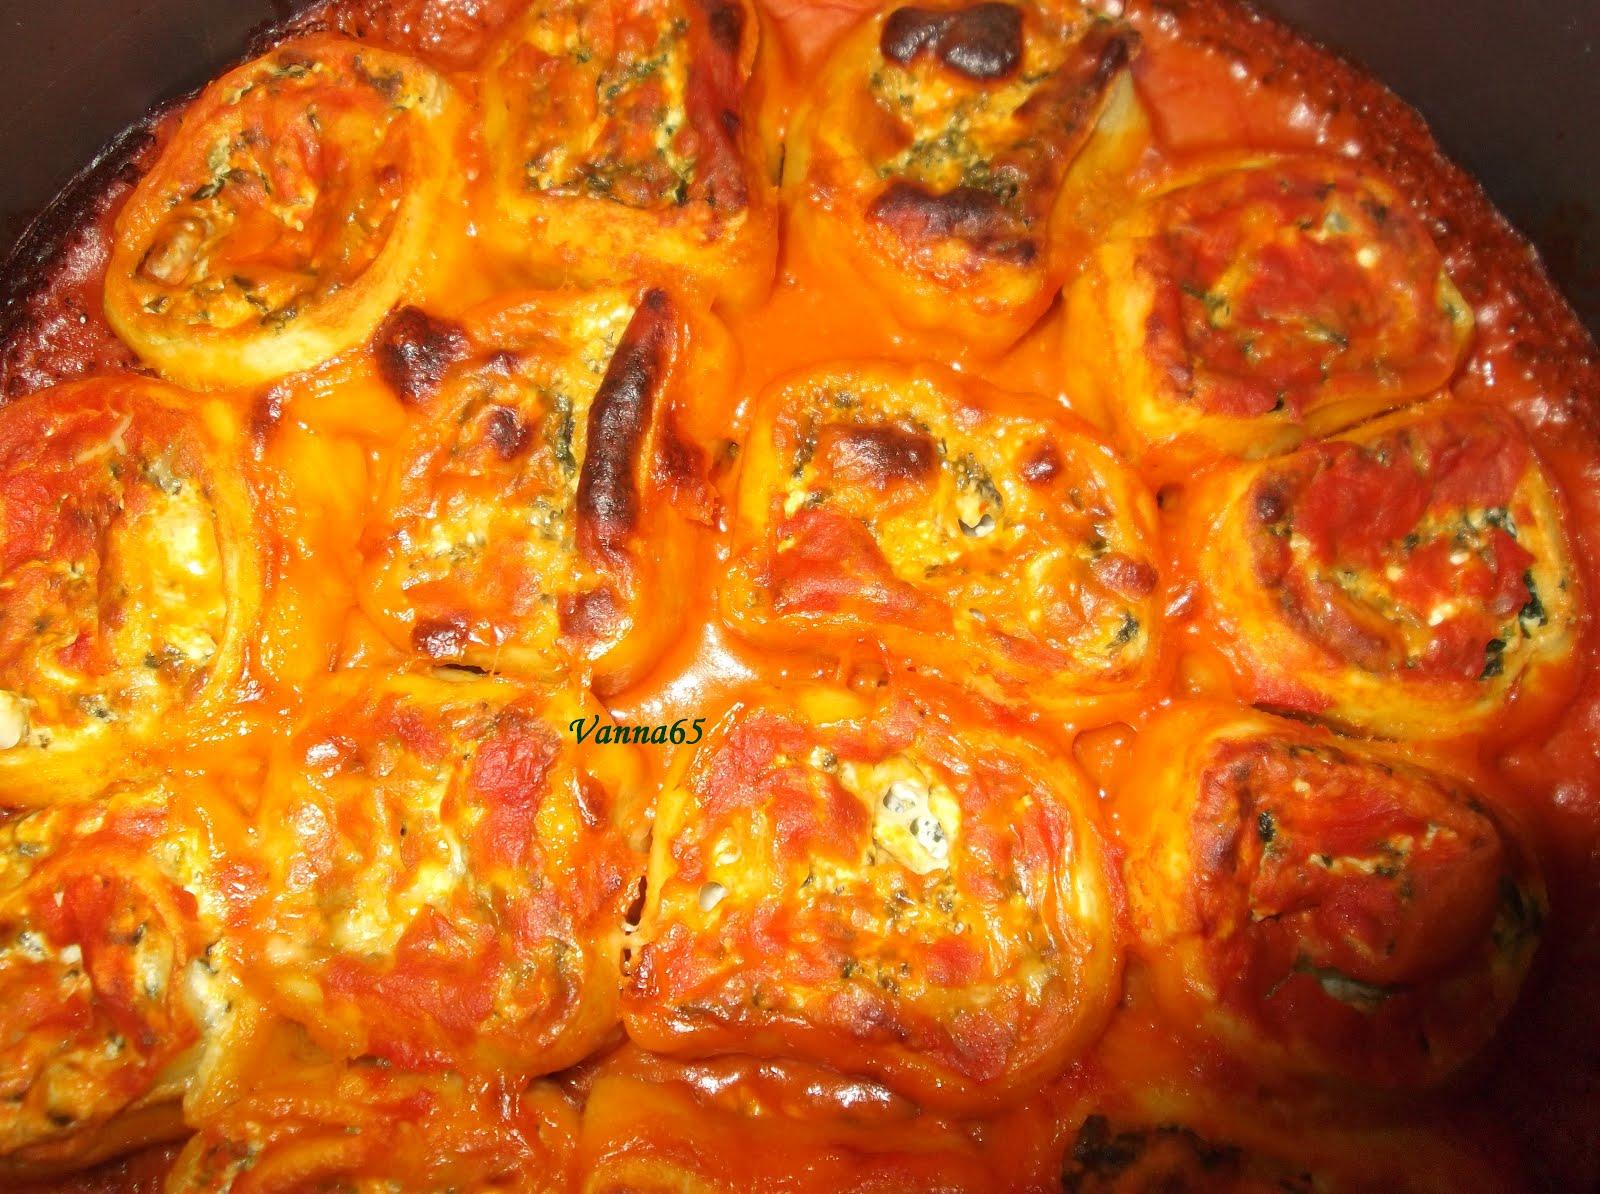 In cucina con vanna girelle di ricotta e spinaci al forno - Cucina con misya ...